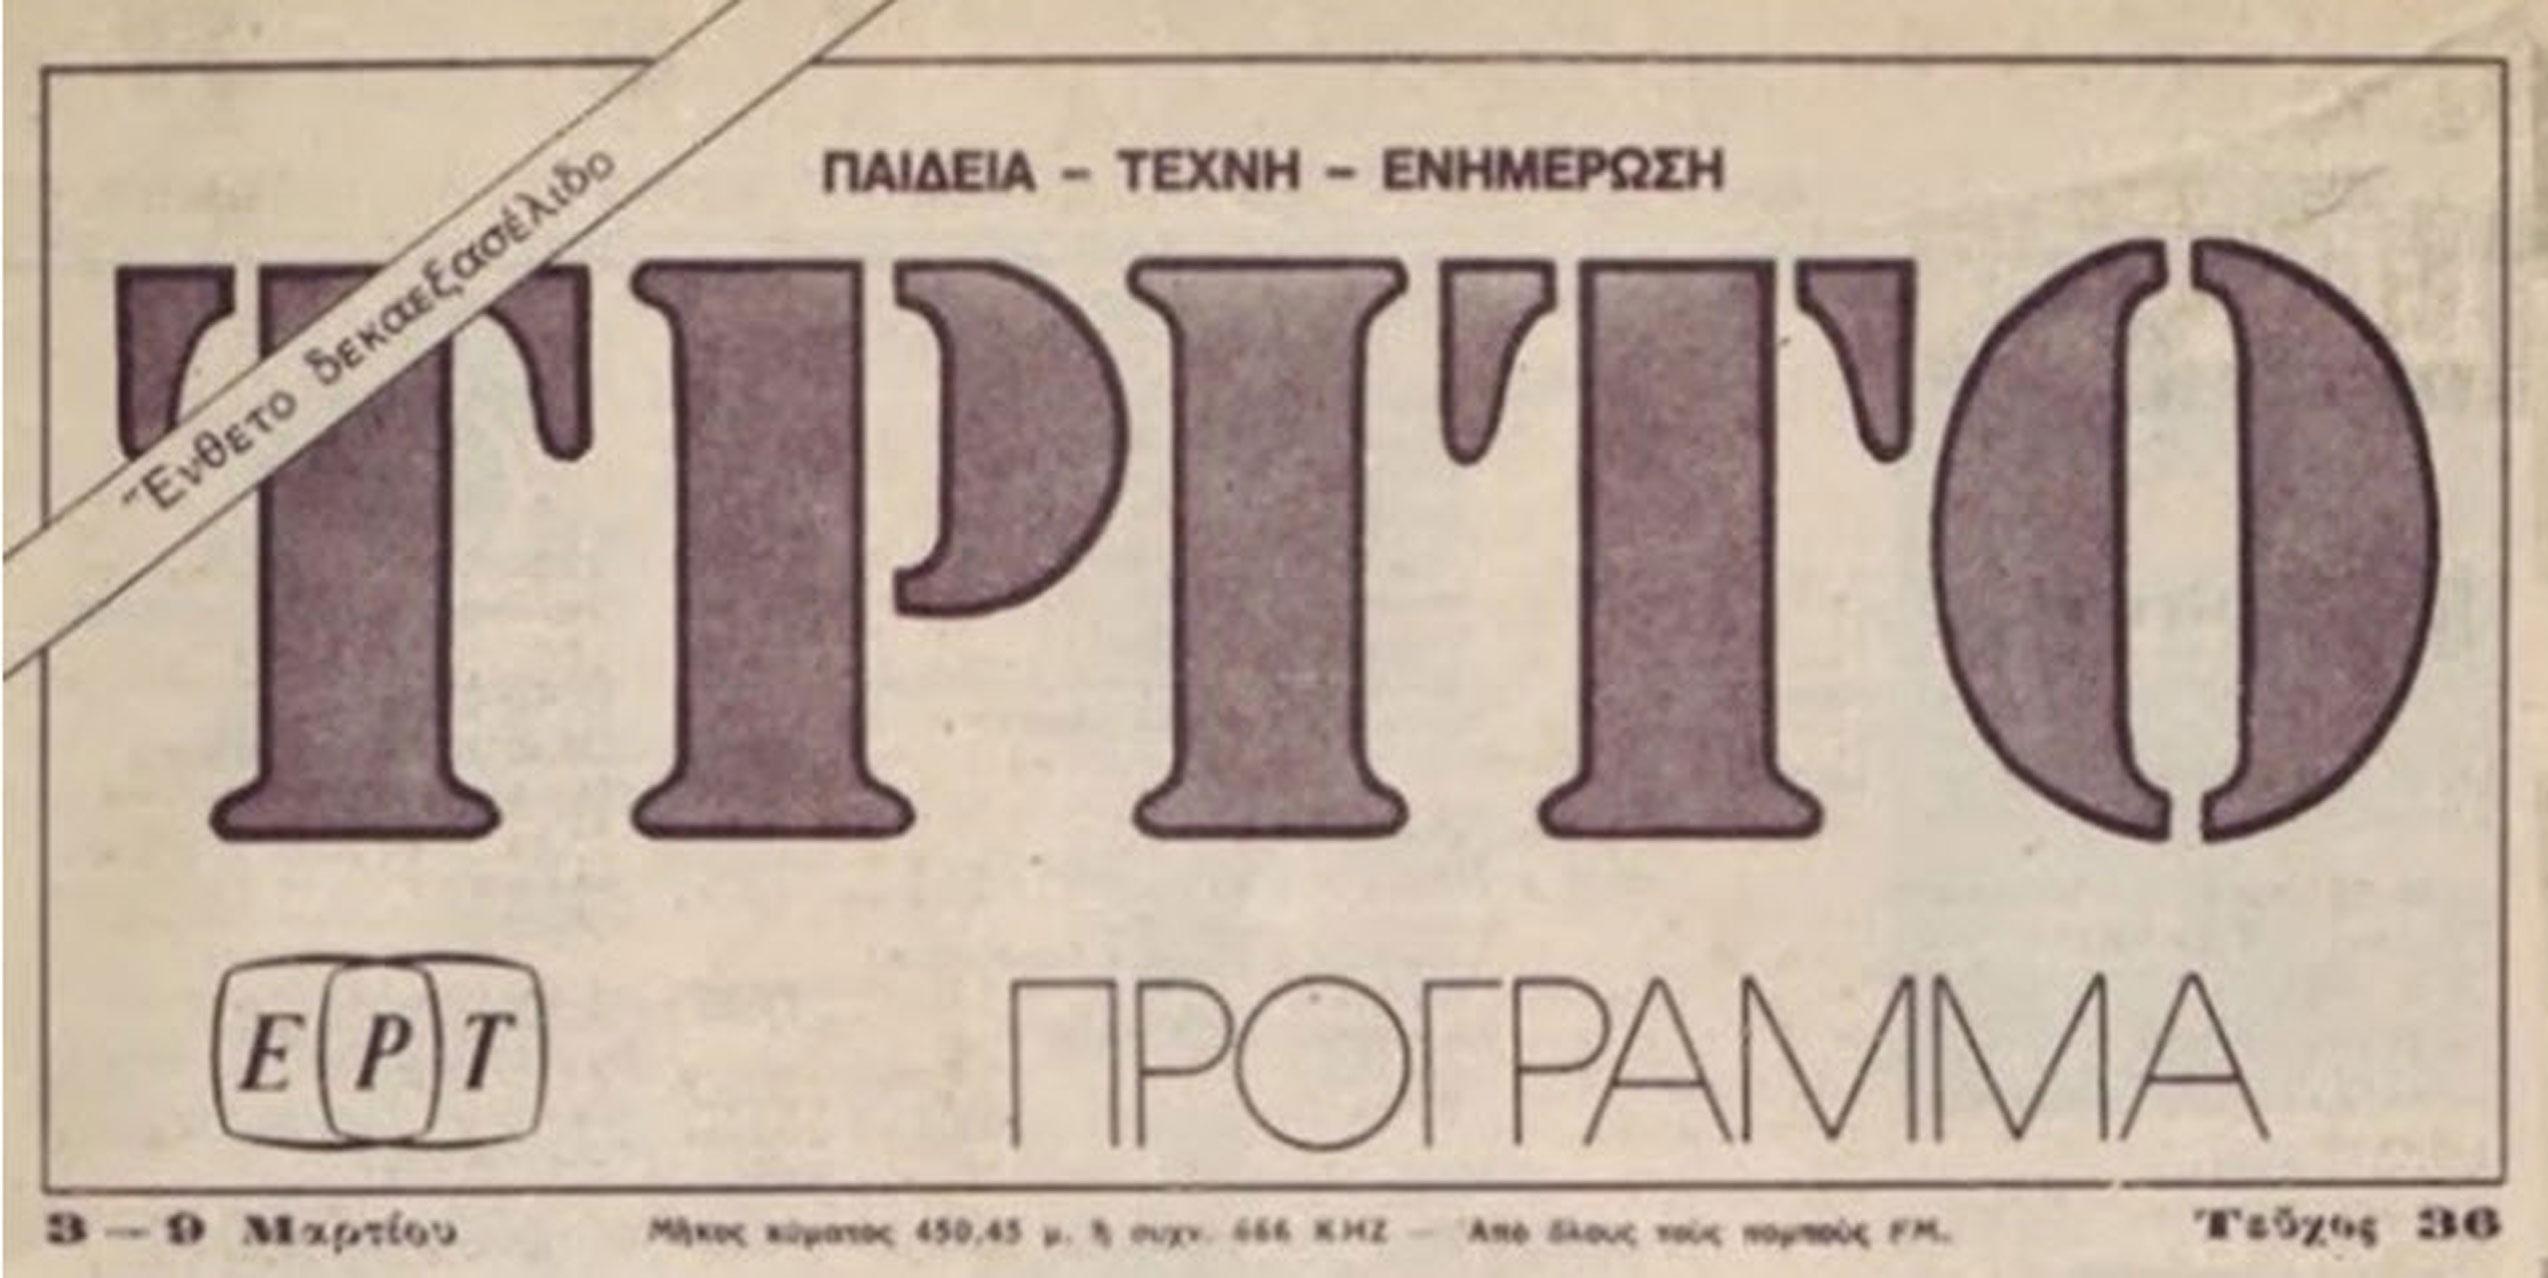 65 χρόνια Τρίτο Πρόγραμμα – Αφιέρωμα με σπάνιες ηχογραφήσεις